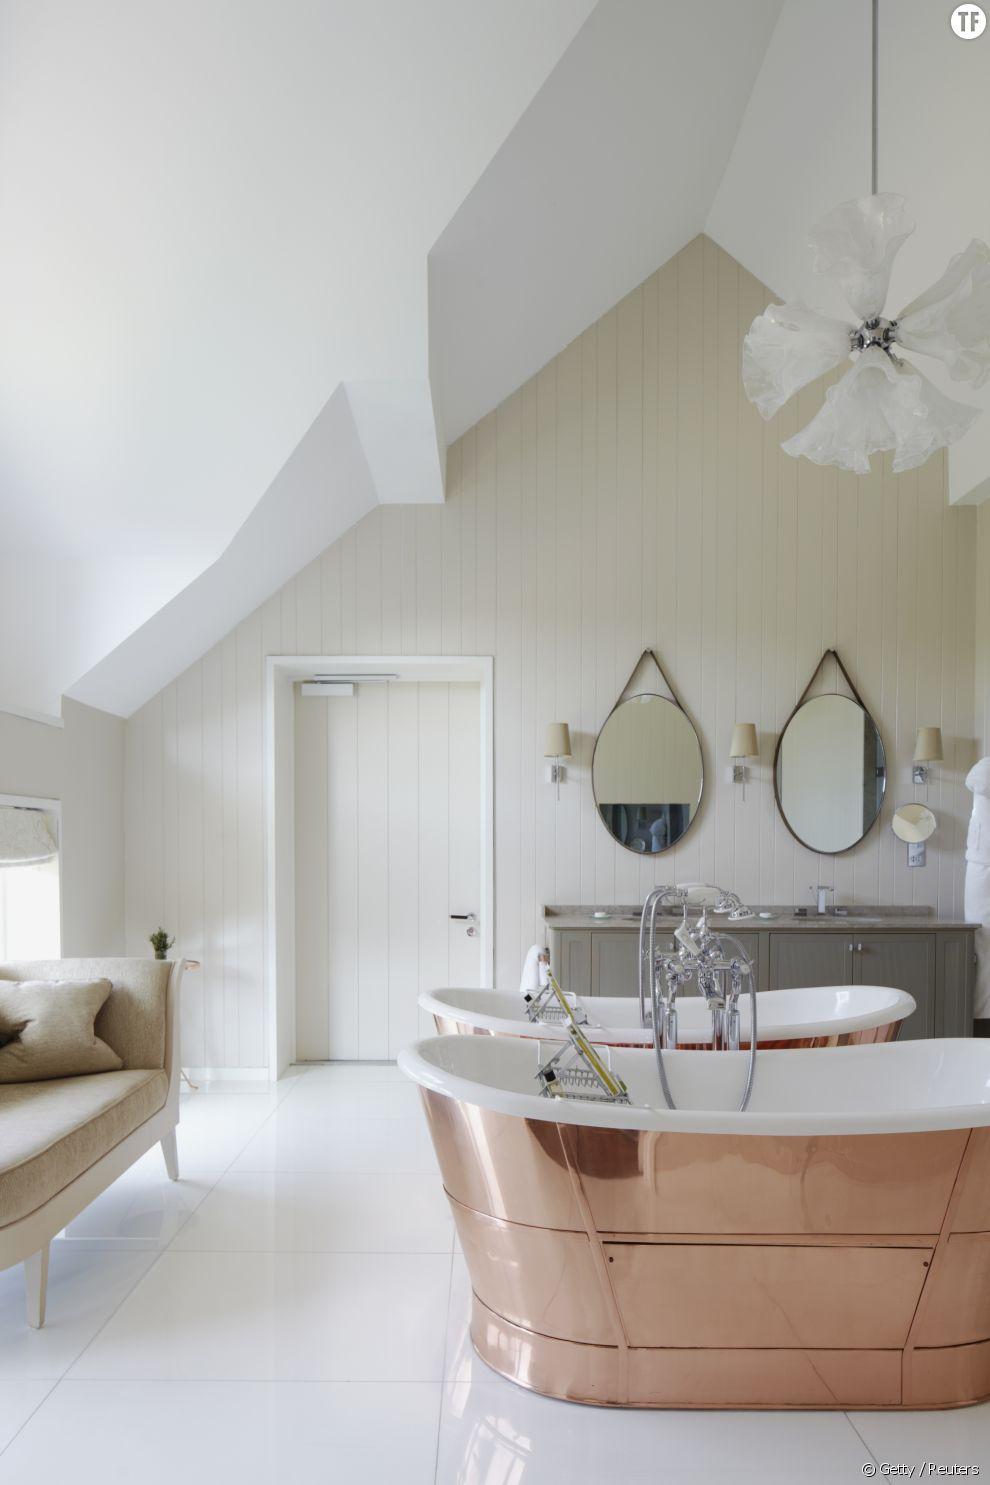 comment bien décorer sa salle de bain ? - terrafemina